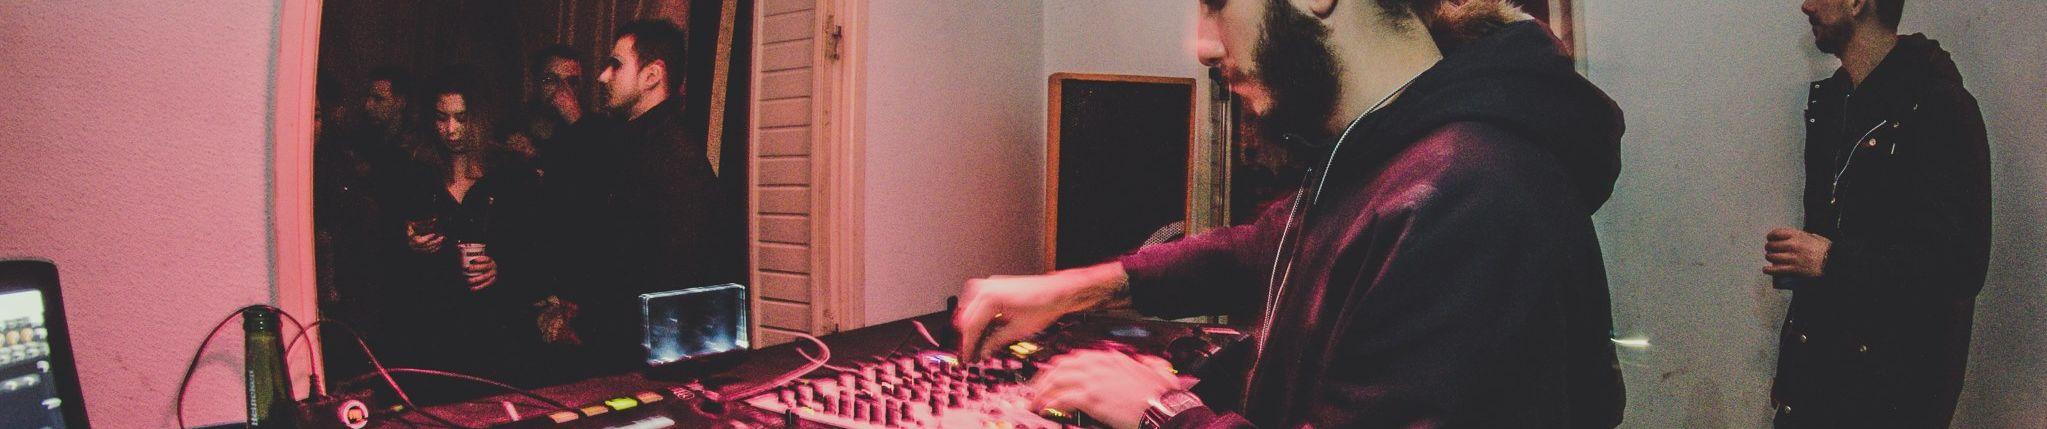 studio subțire subțire)